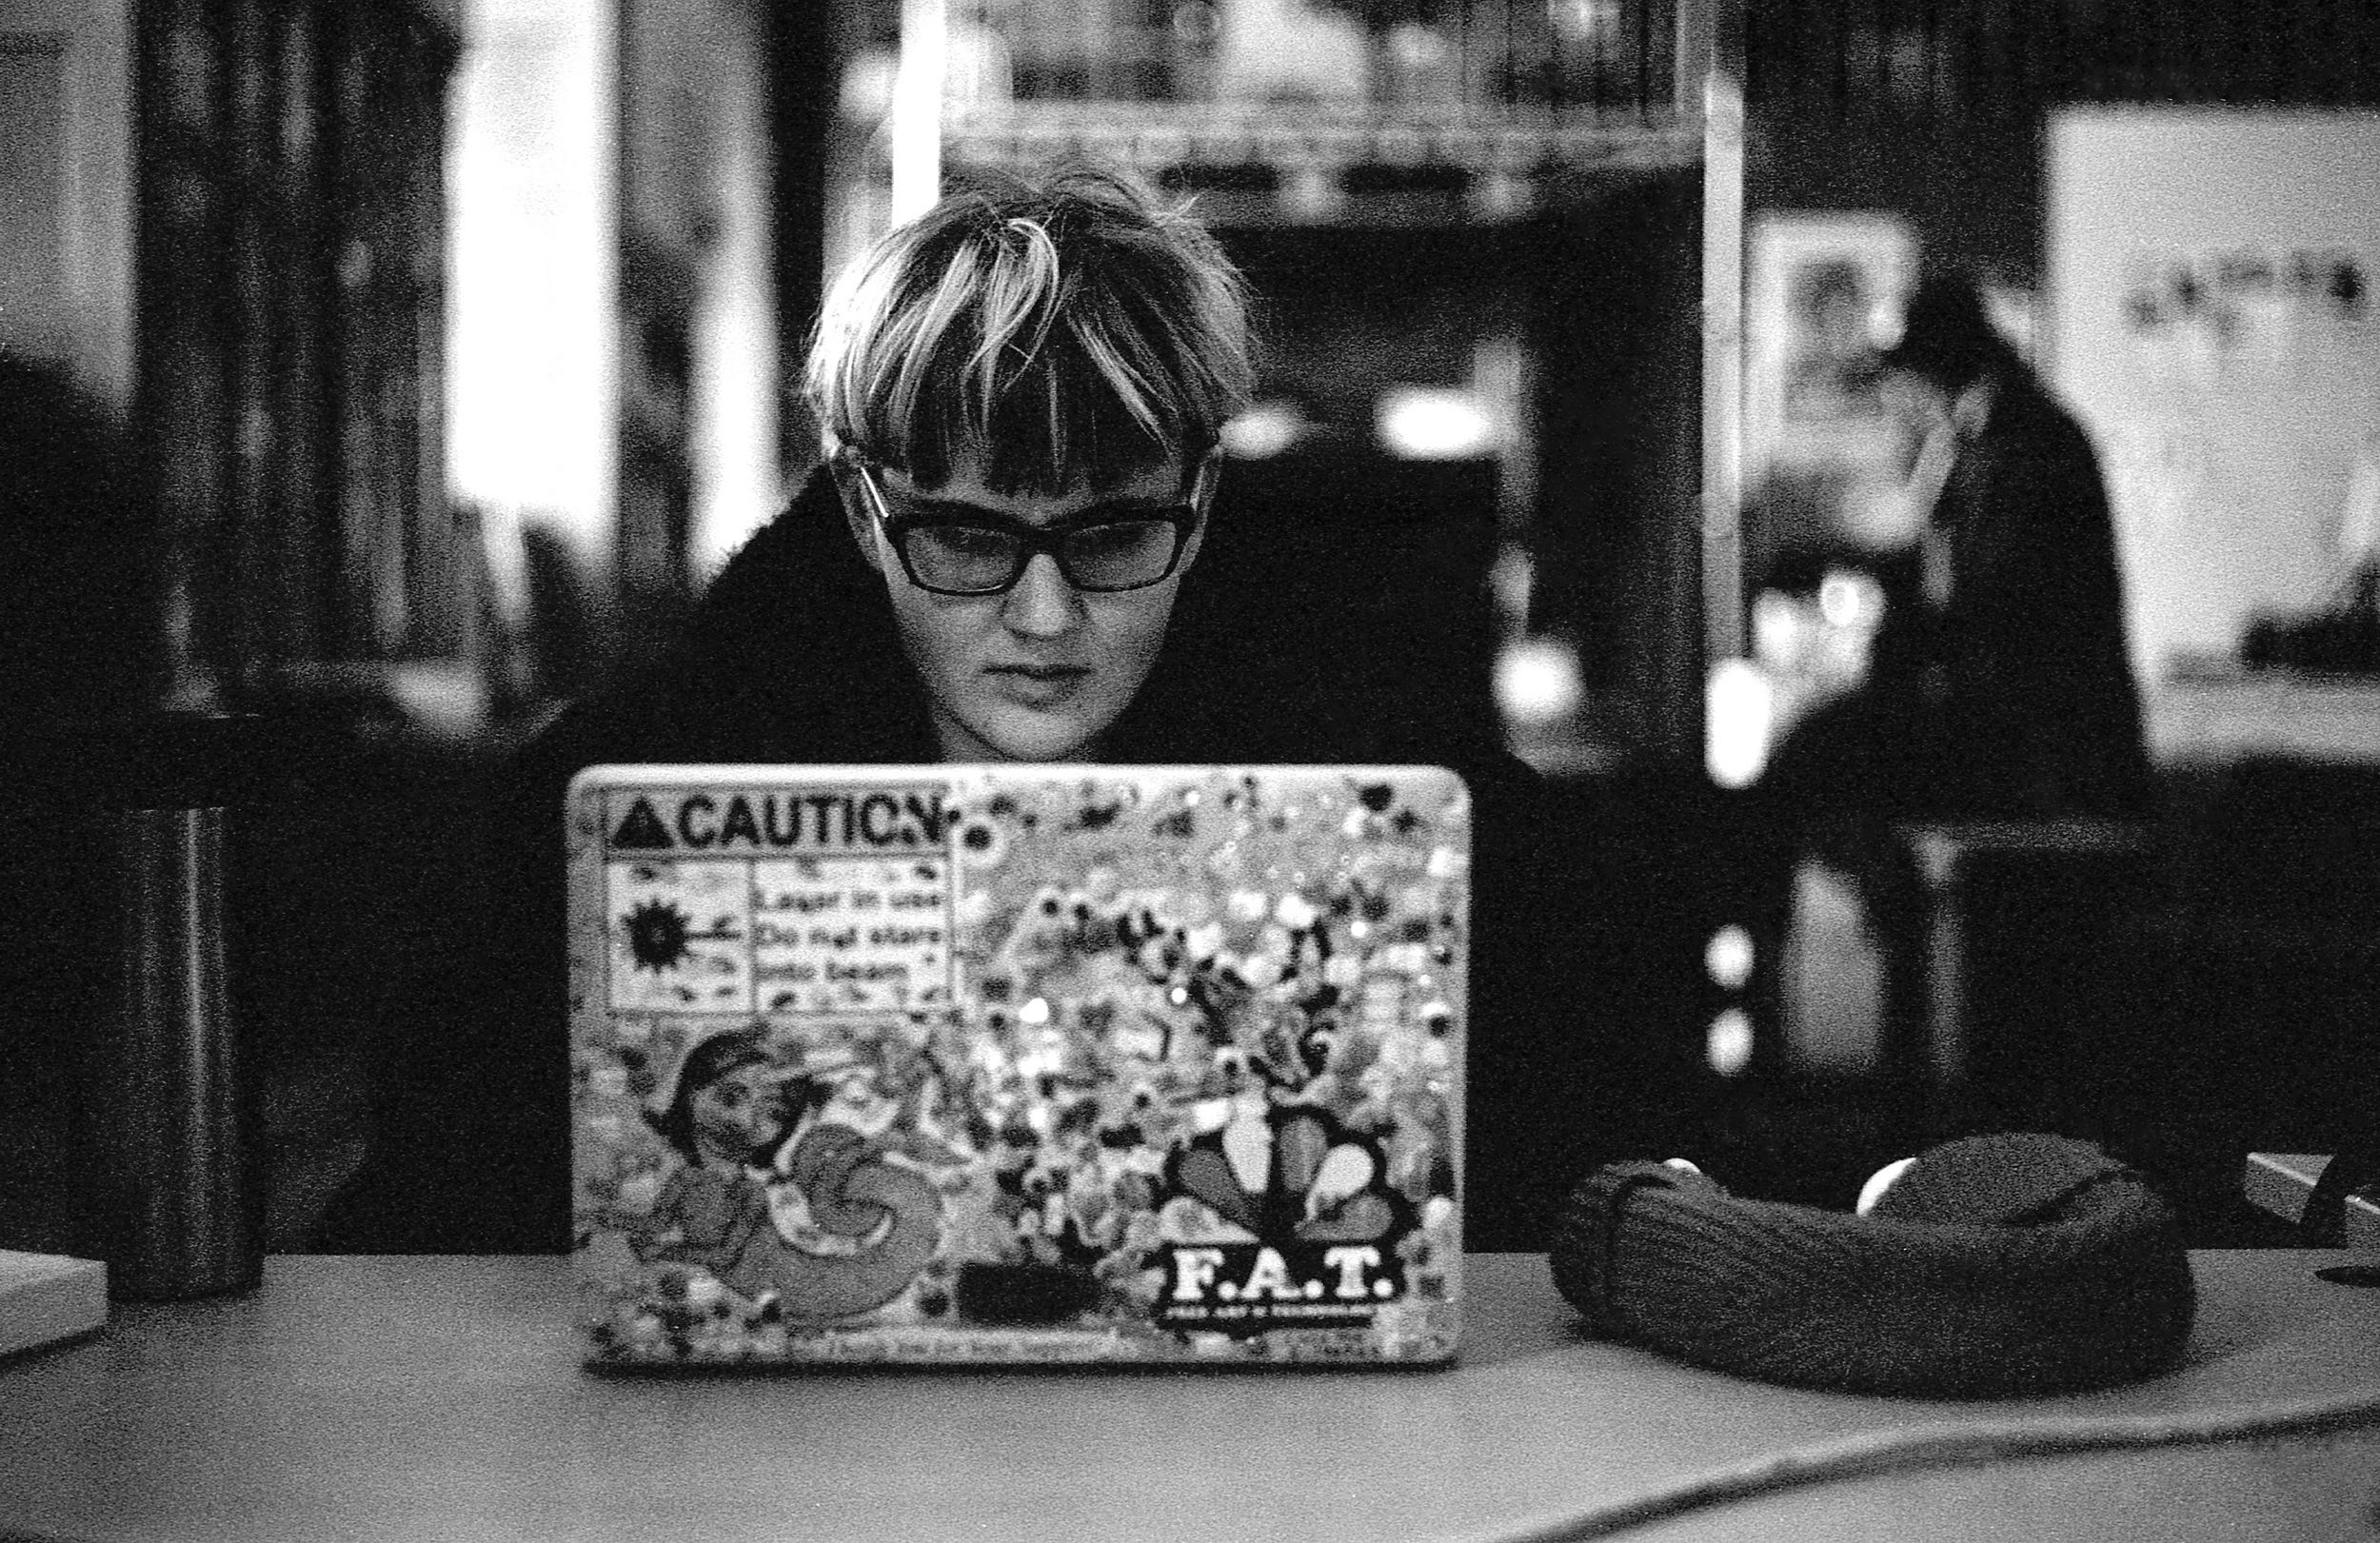 F.A.T. Maddy - Oakland (The Studio for Creative Inquiry) | Tri-X 400 @ 1600